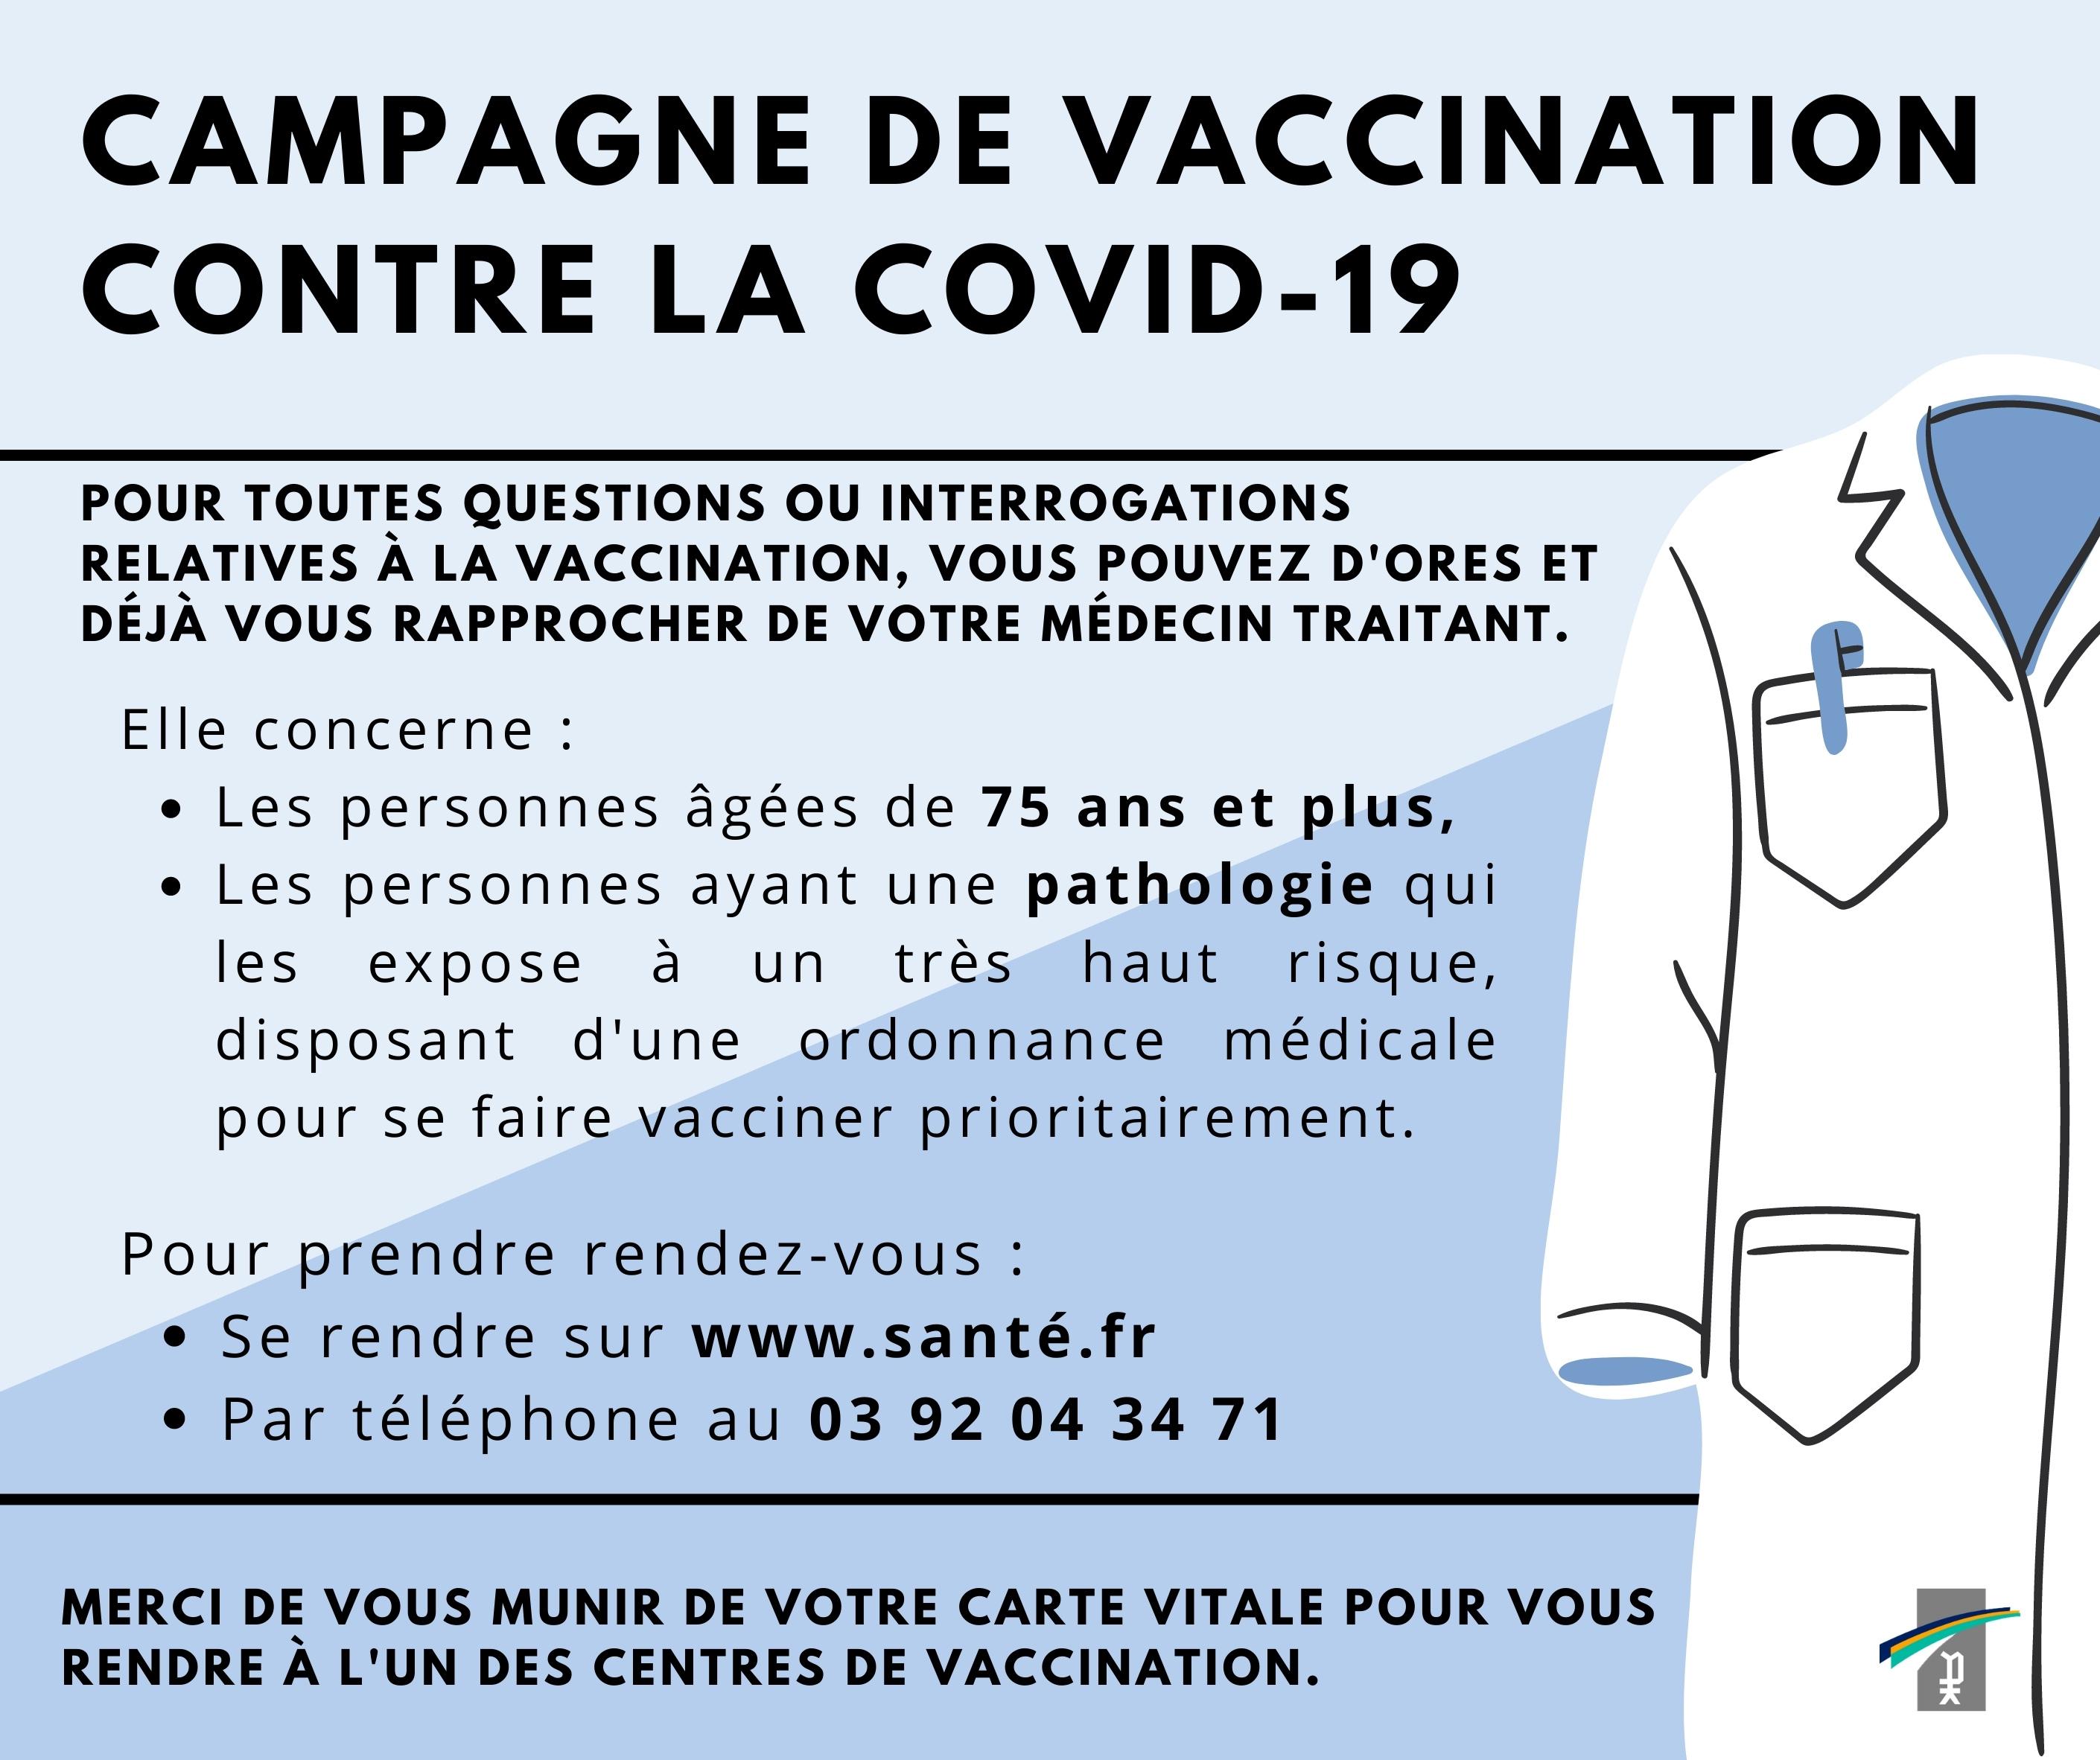 campagne de vaccination anti-covid.jpg